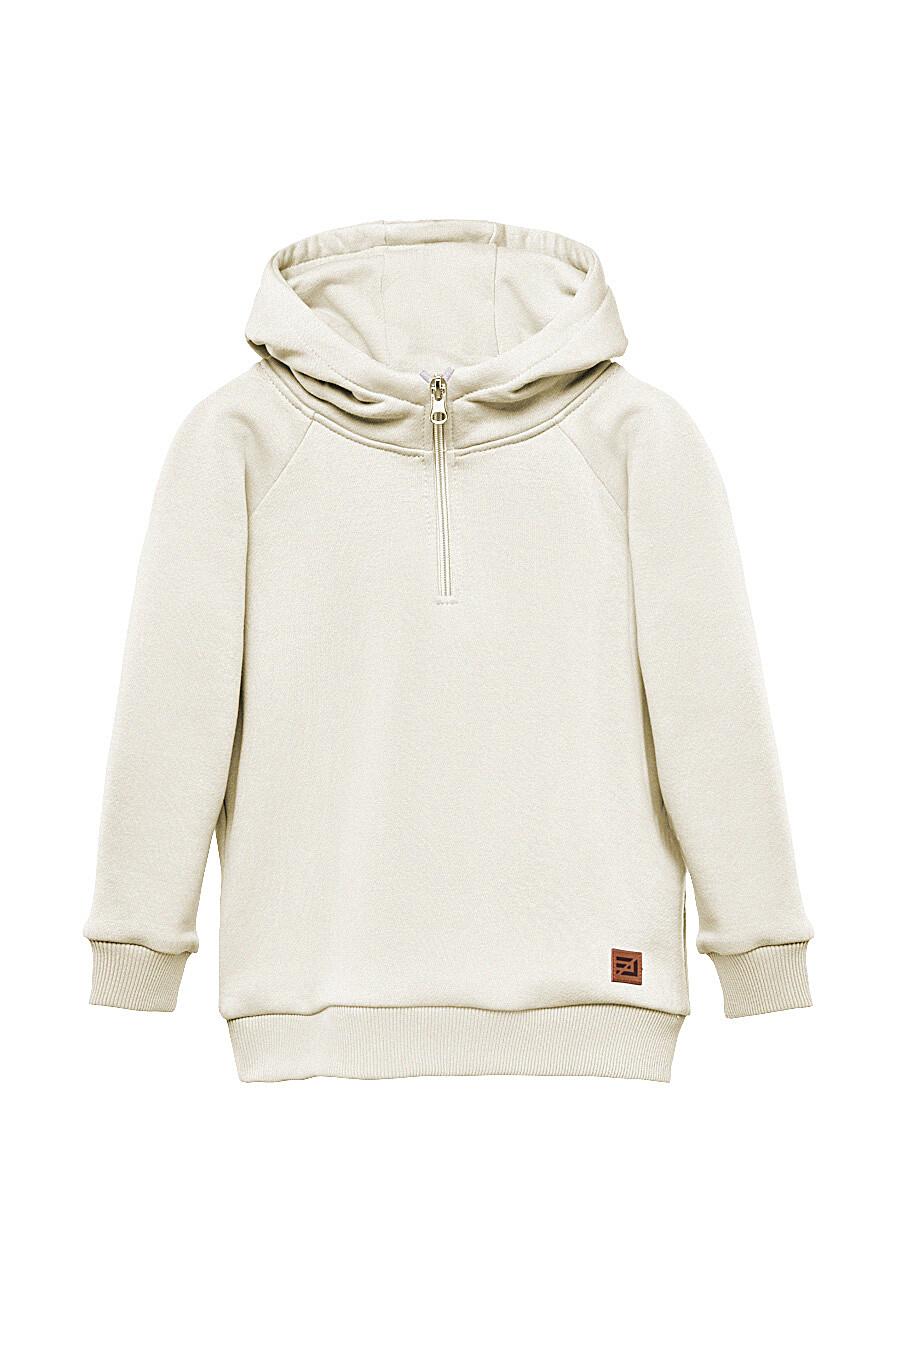 Худи для мальчиков EZANNA 668053 купить оптом от производителя. Совместная покупка детской одежды в OptMoyo